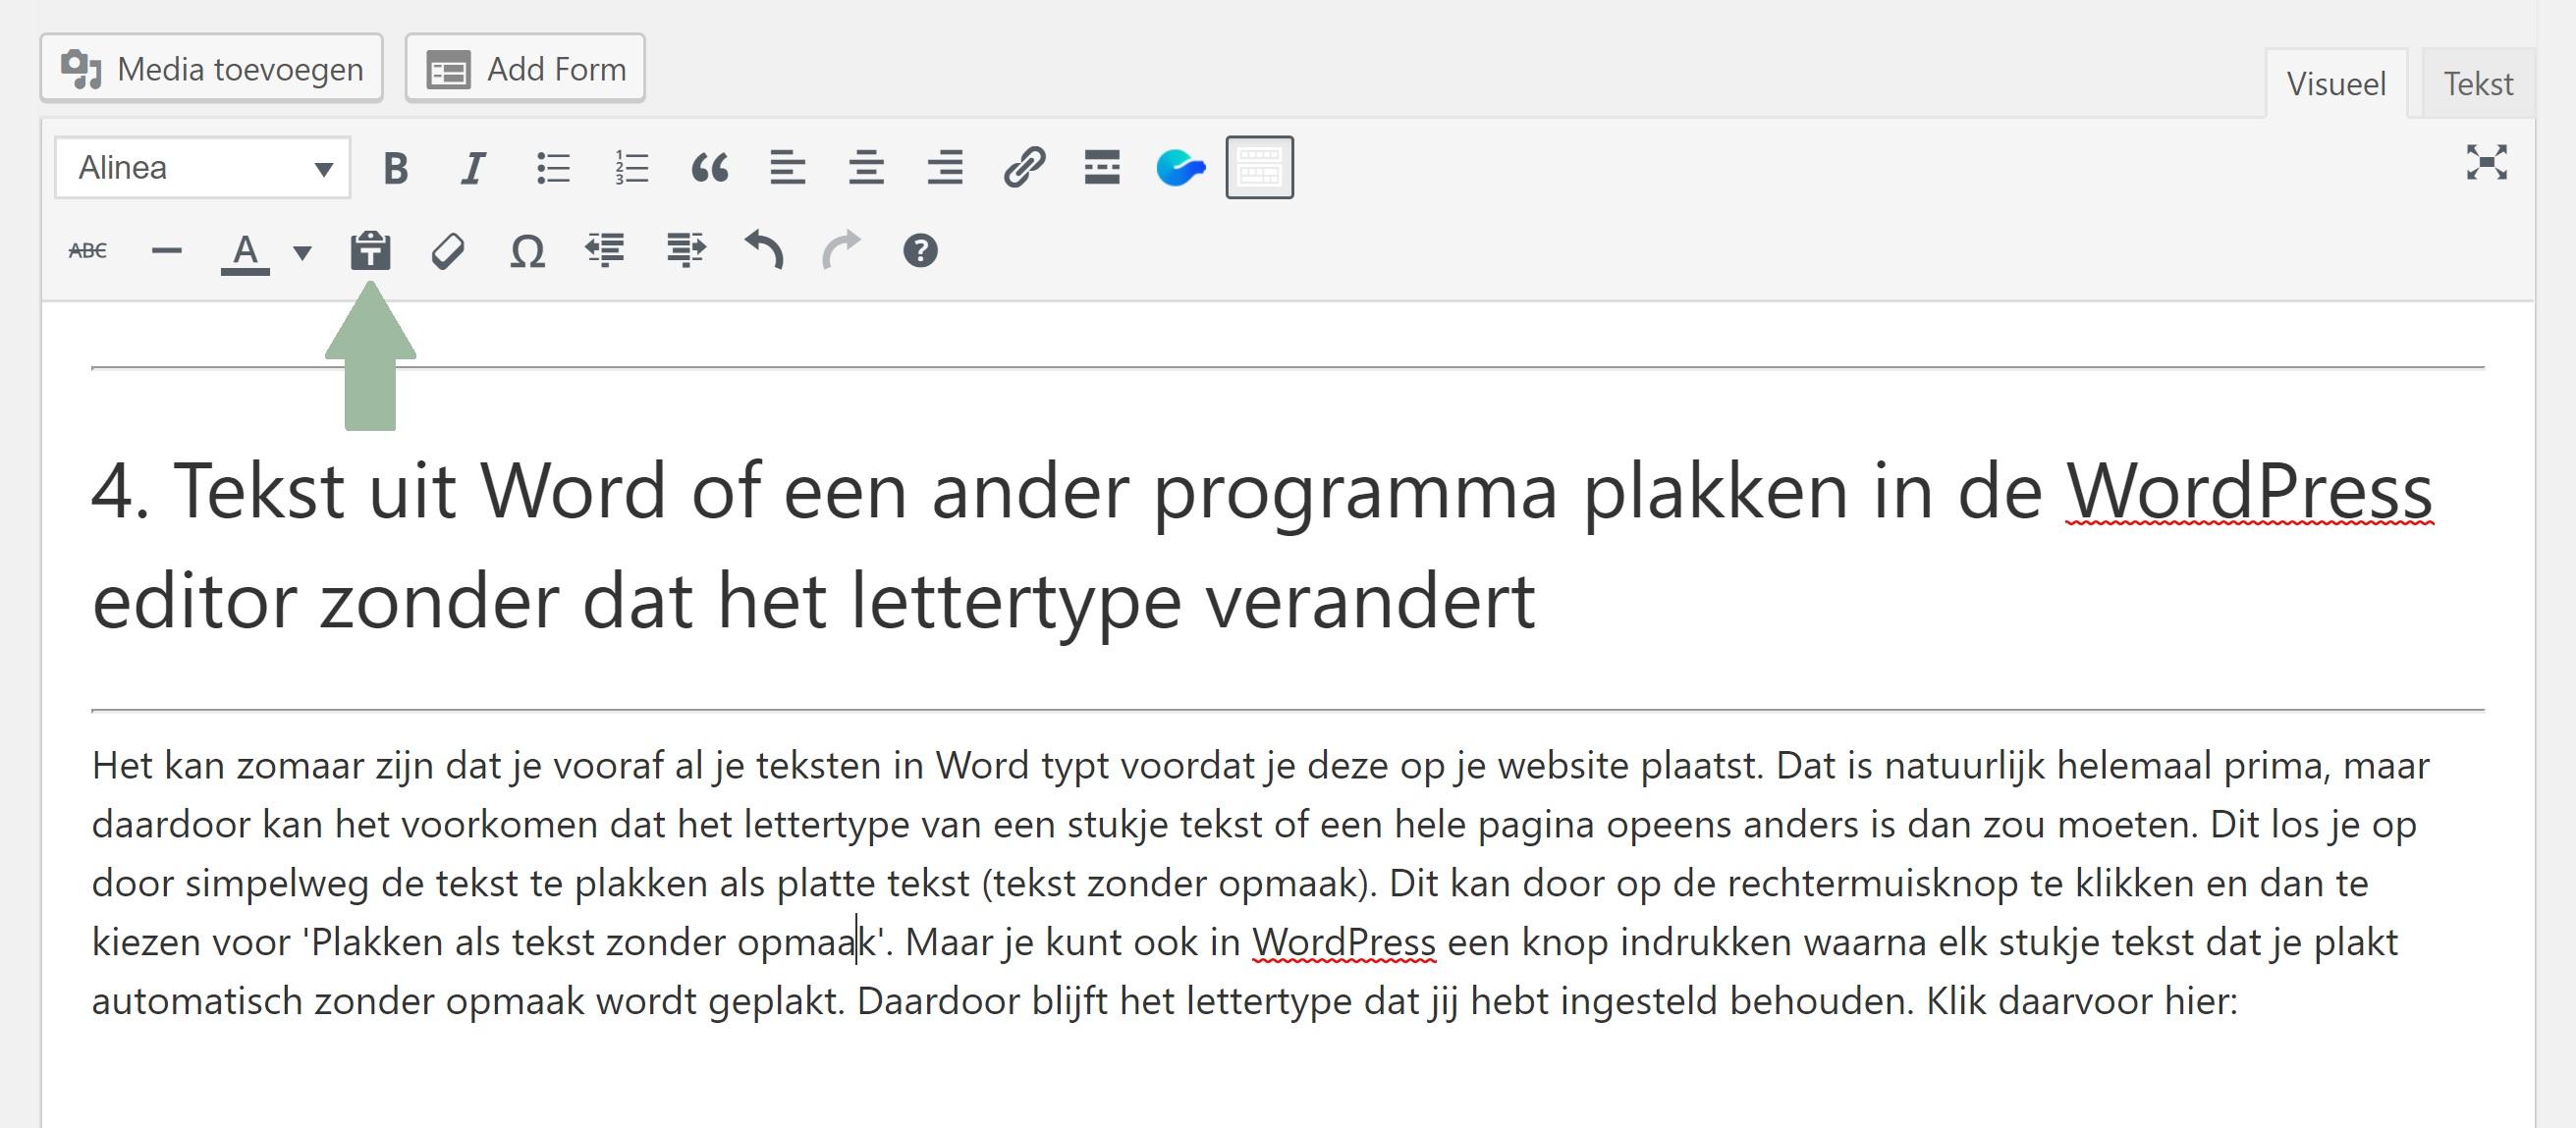 Plak tekst als tekst zonder opmaak - WordPress tip